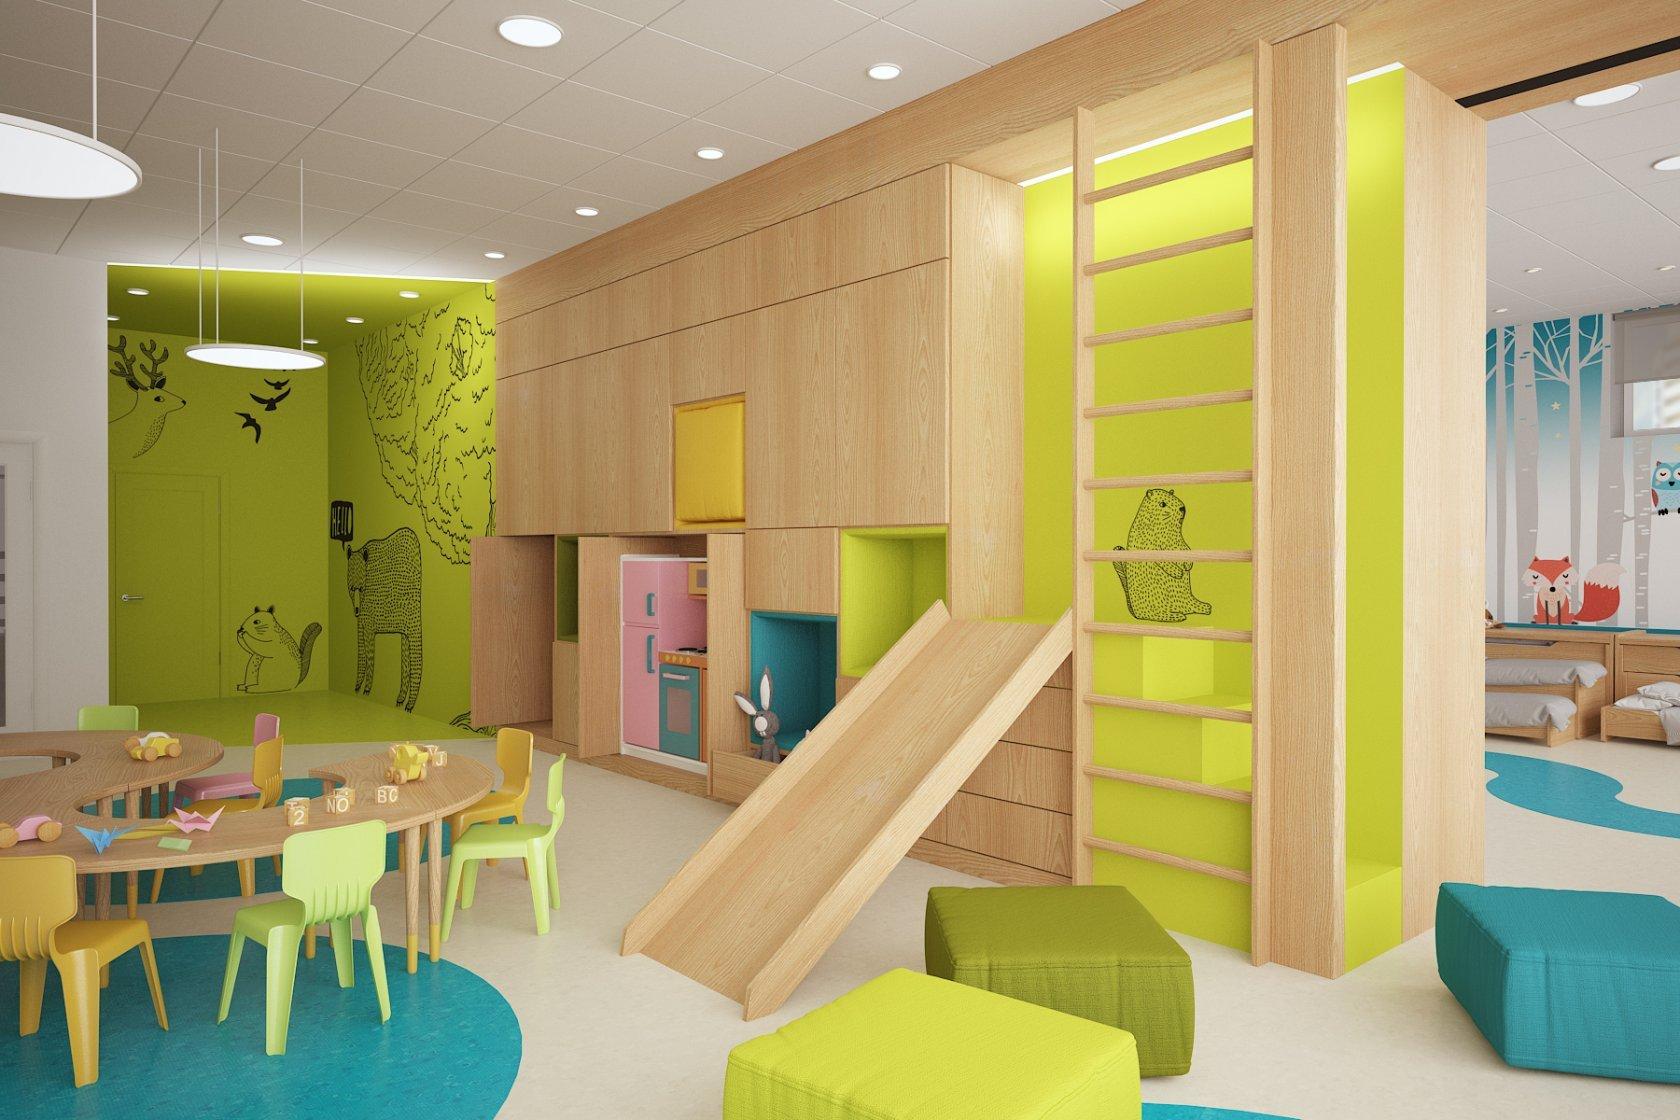 Зонирование в интерьере детского сада